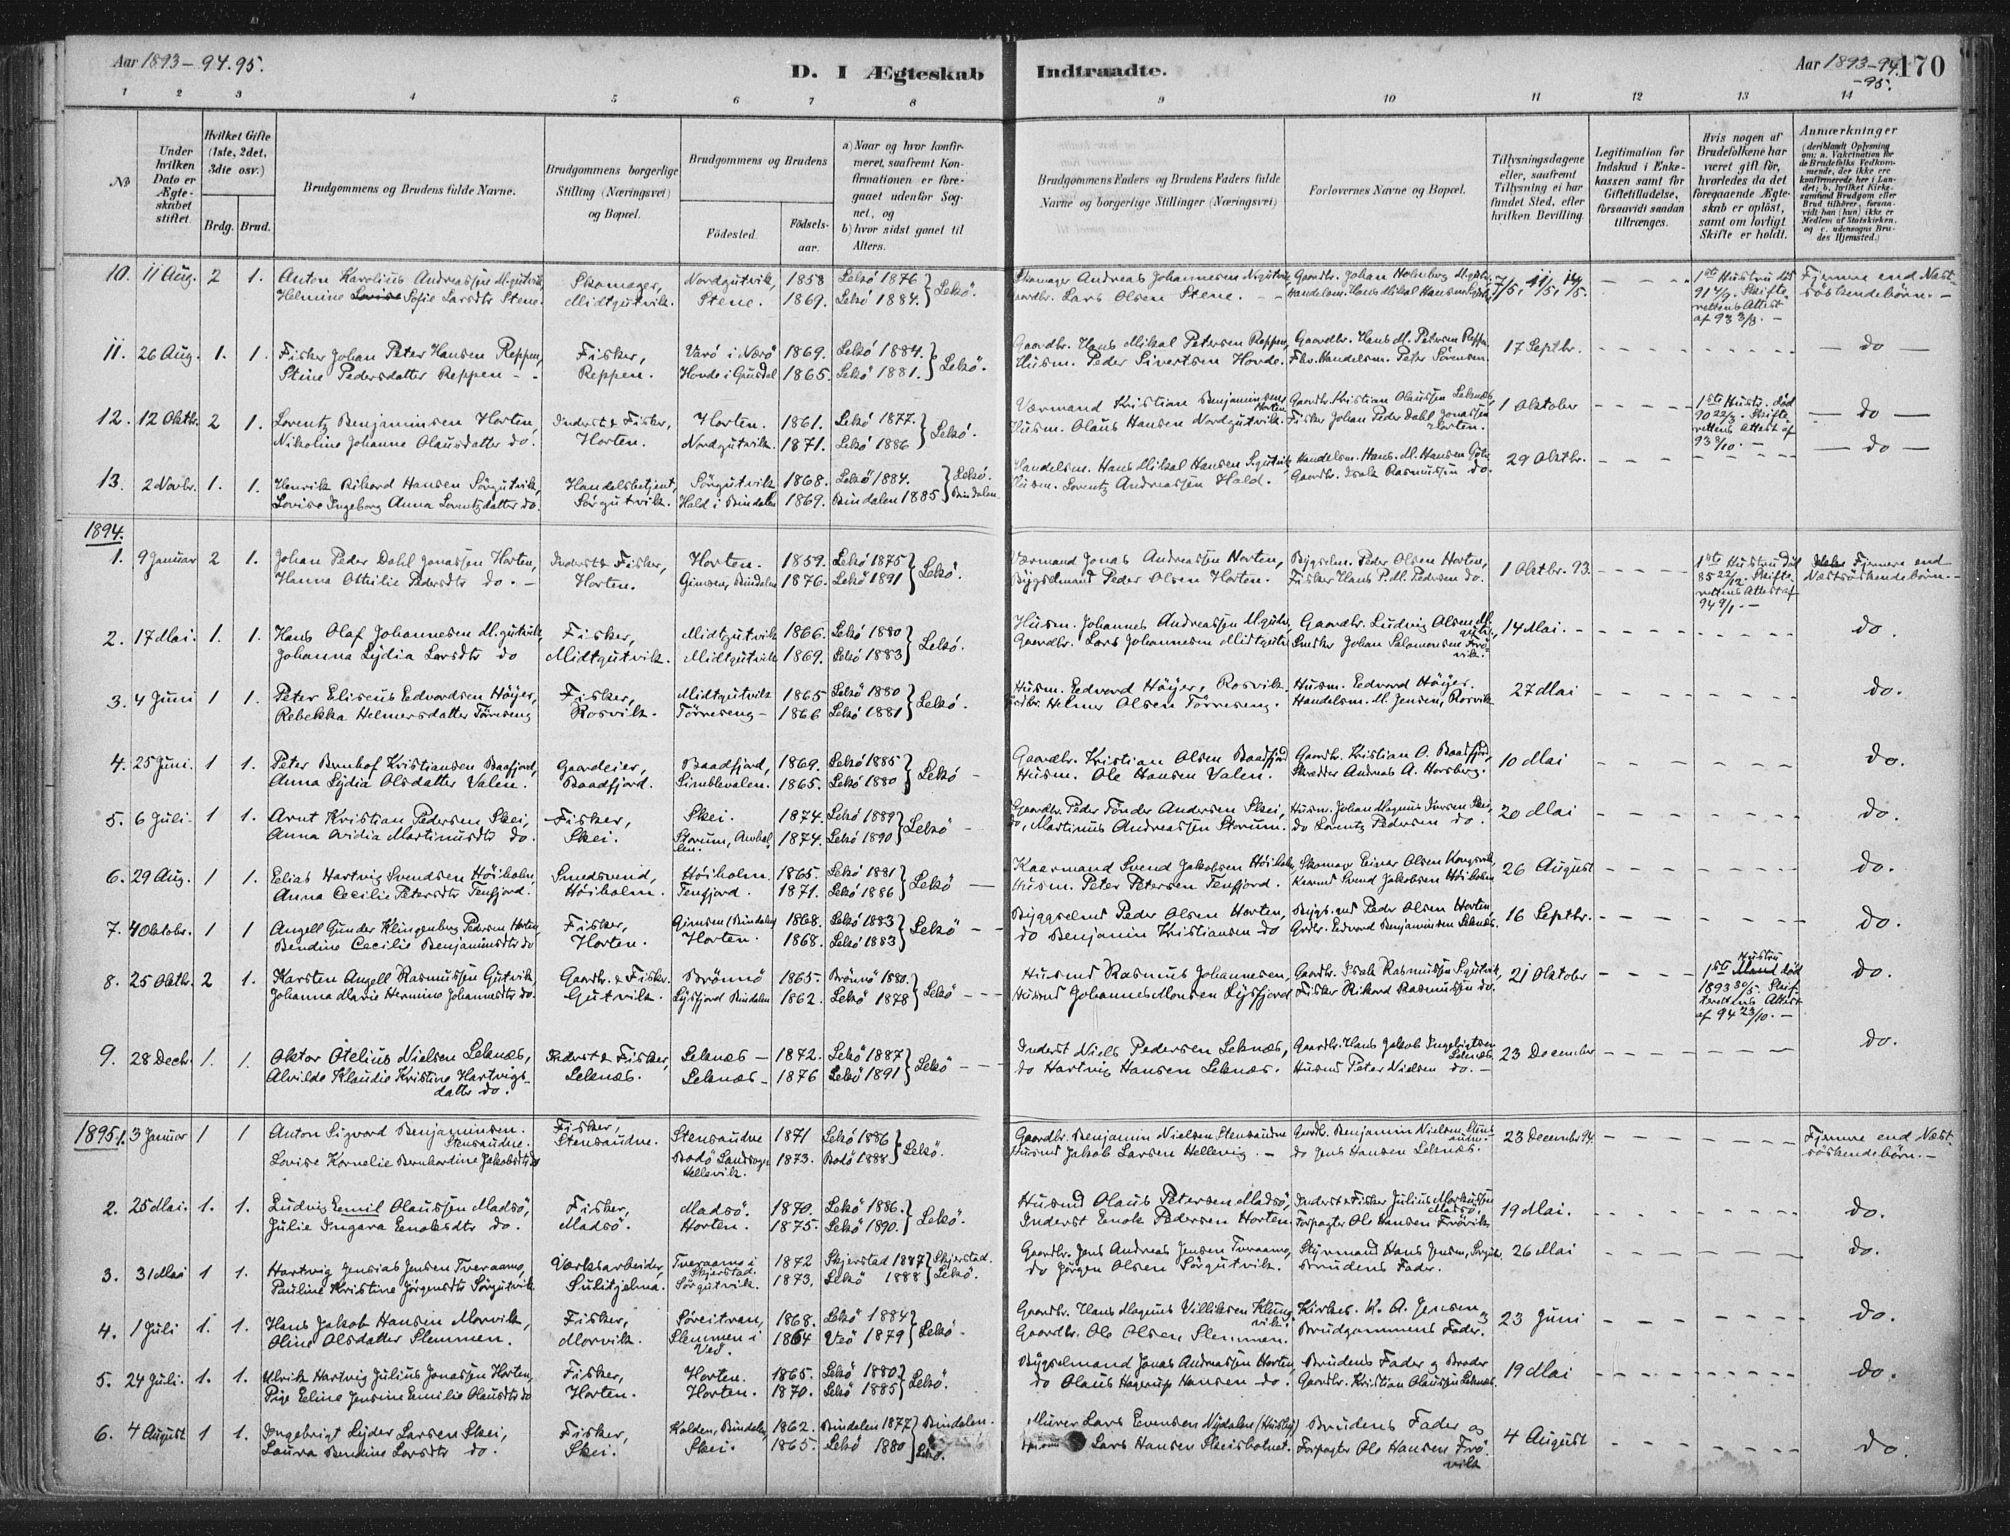 SAT, Ministerialprotokoller, klokkerbøker og fødselsregistre - Nord-Trøndelag, 788/L0697: Ministerialbok nr. 788A04, 1878-1902, s. 170